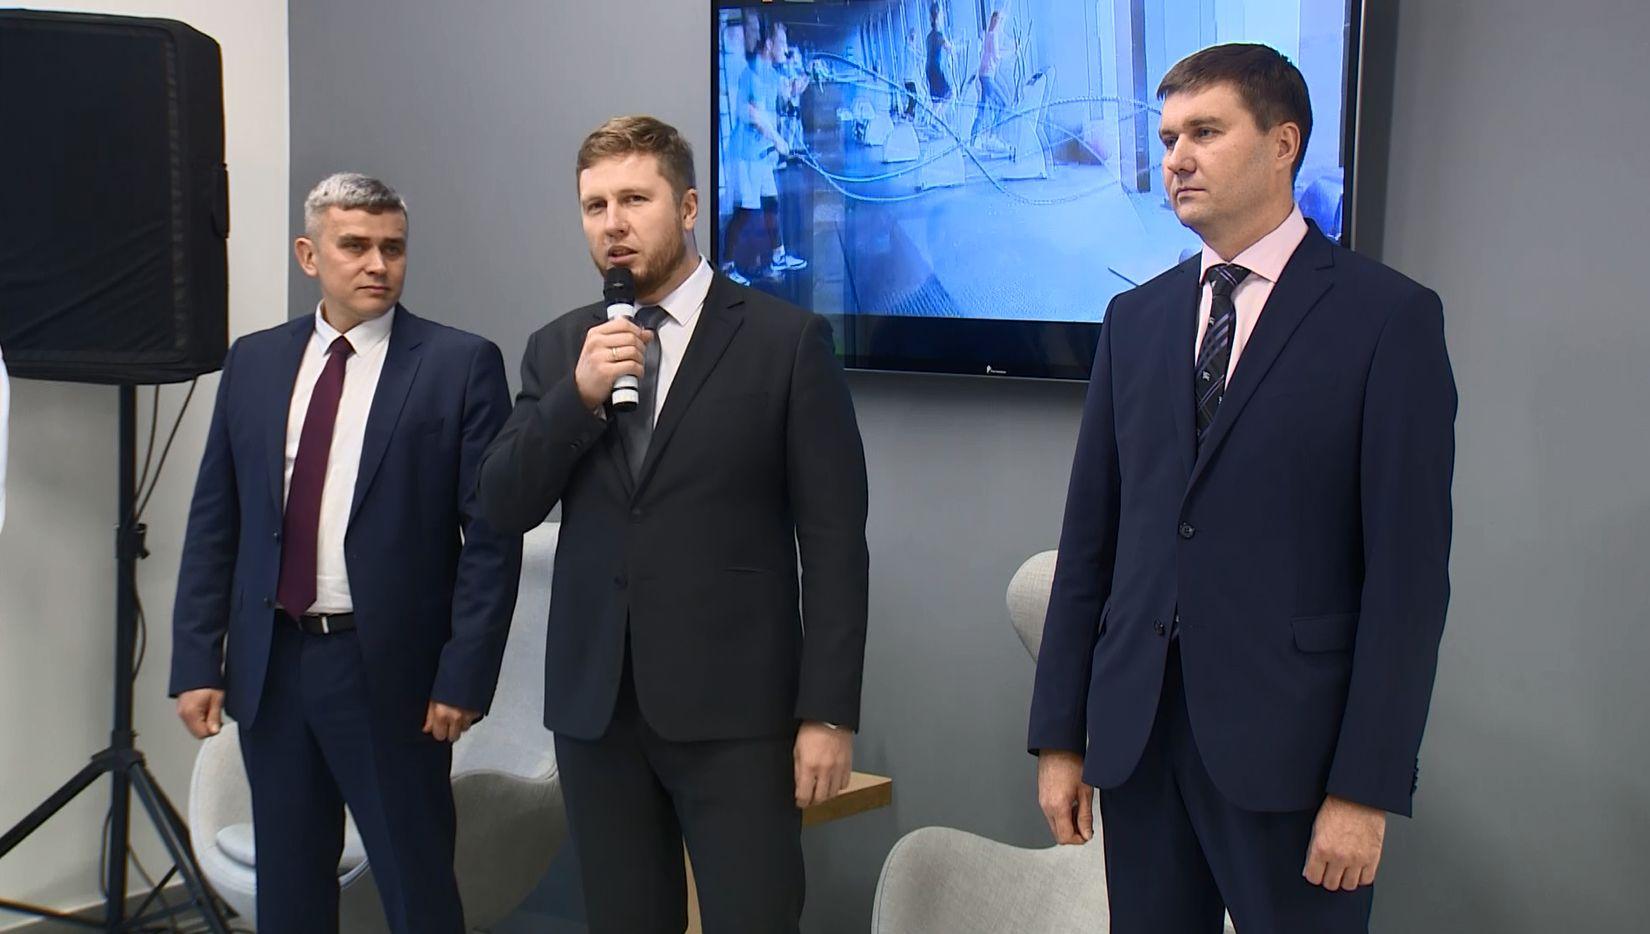 Бизнес окончательно переходит в «цифру» - в Ярославской области появляются корпоративные центры крупнейших интернет-провайдеров